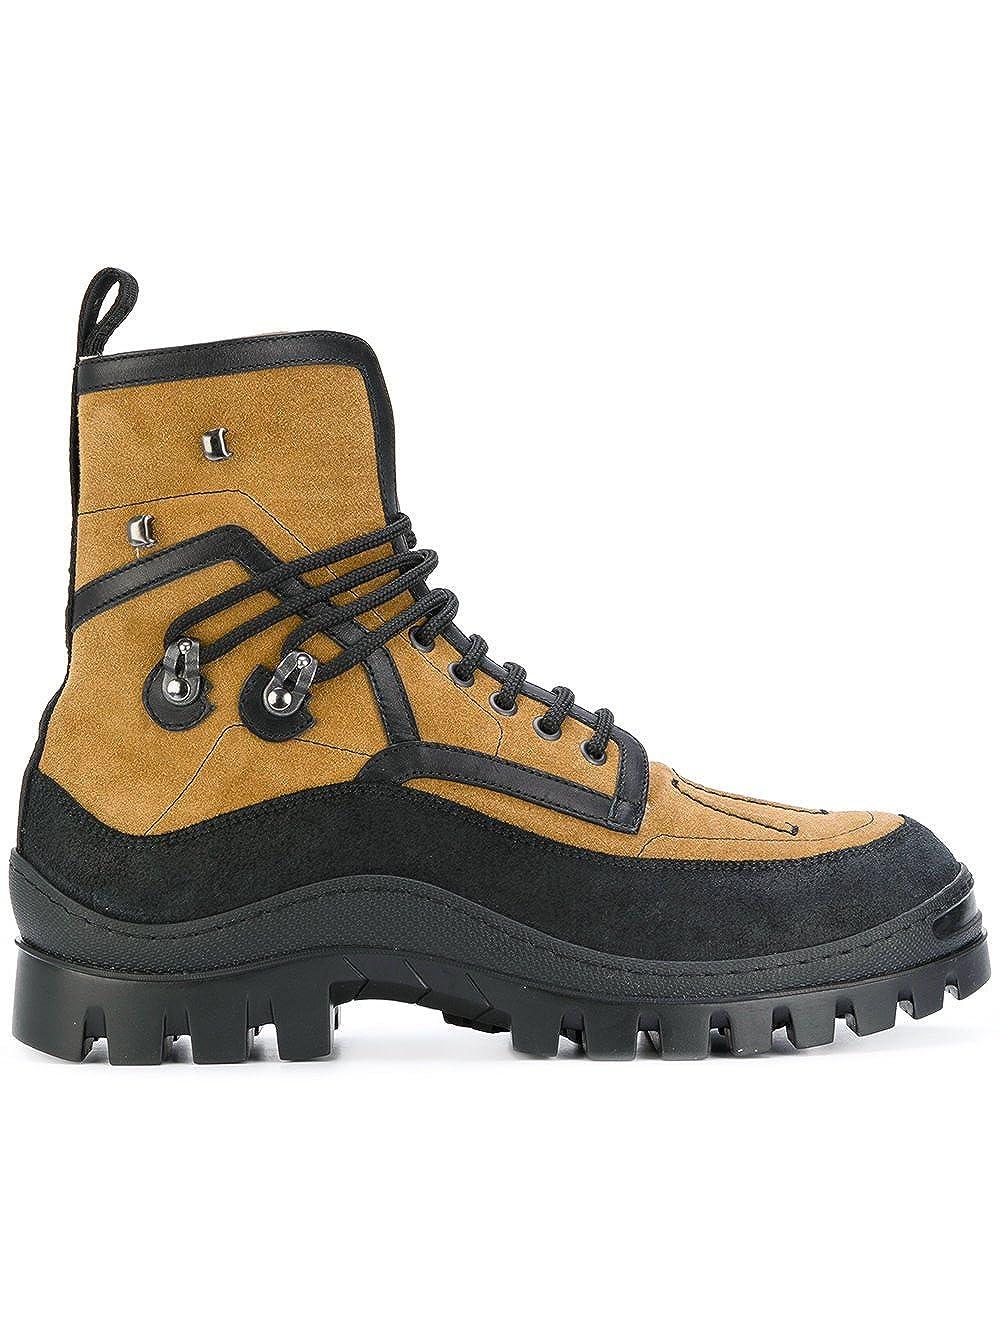 【全商品オープニング価格 特別価格】 [ディースクエアード] Color shearling 45 lined bootsせん断紐があるブーツ(並行輸入品) tempuxx B075F871P6 B075F871P6 45 IT|One Color One Color 45 IT, インテリアカタオカ:816fce62 --- arianechie.dominiotemporario.com